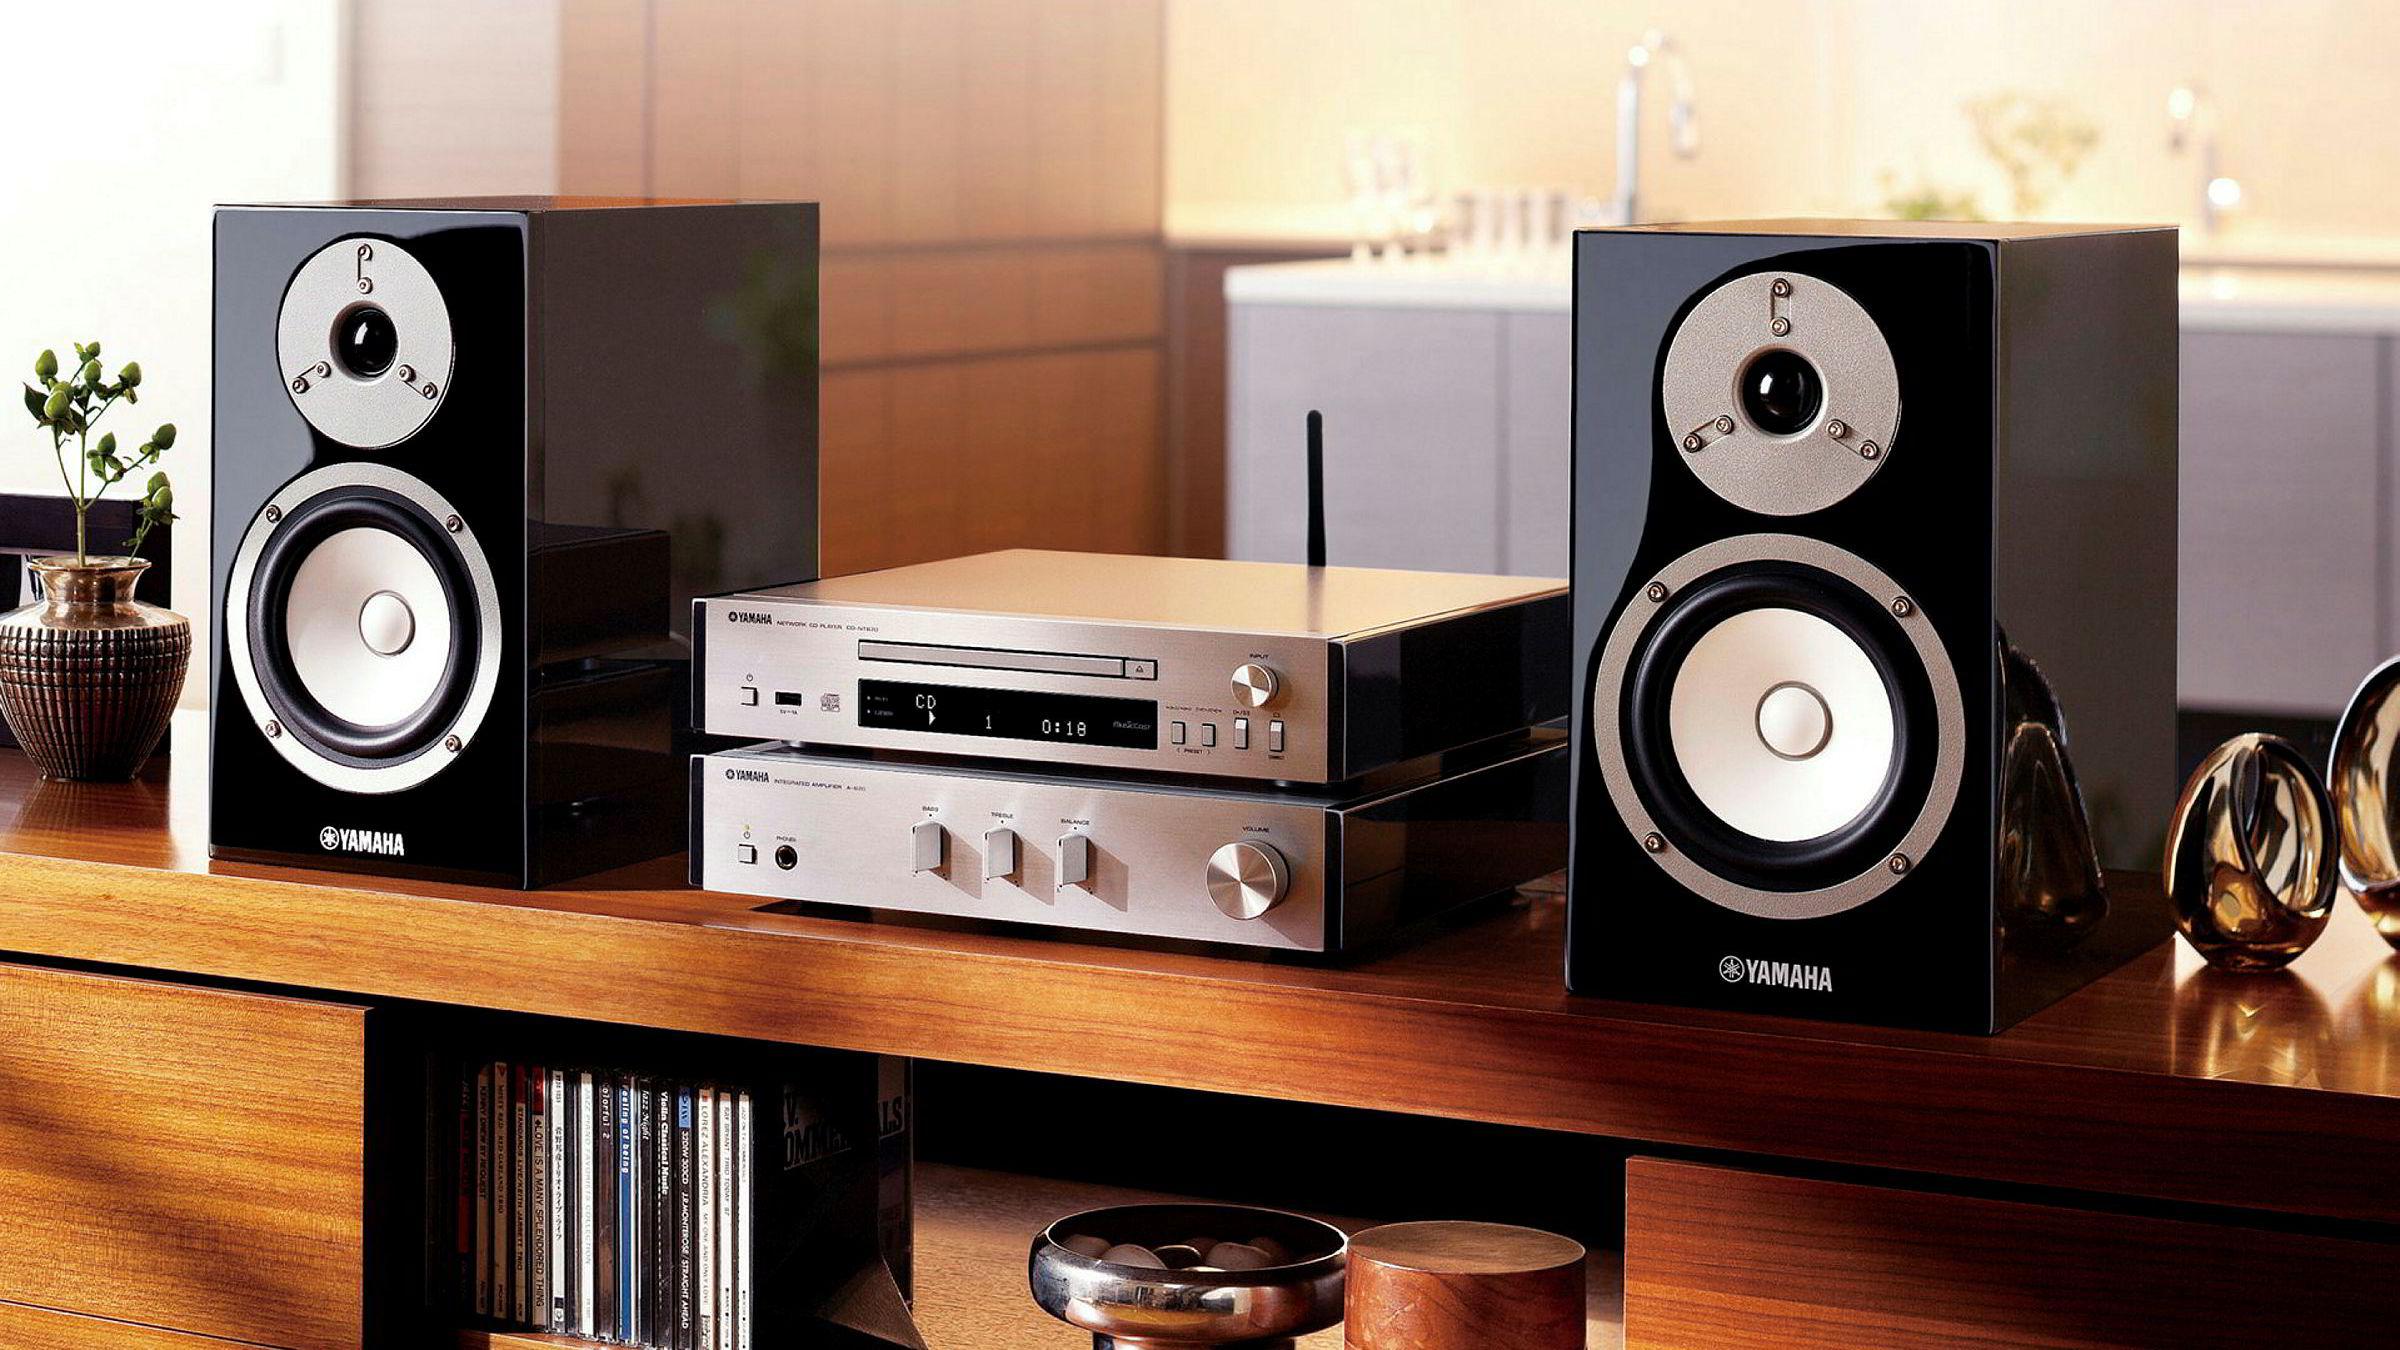 Du kan få et bra trådløst stereoanlegg i stua uten å tømme lommeboken helt.